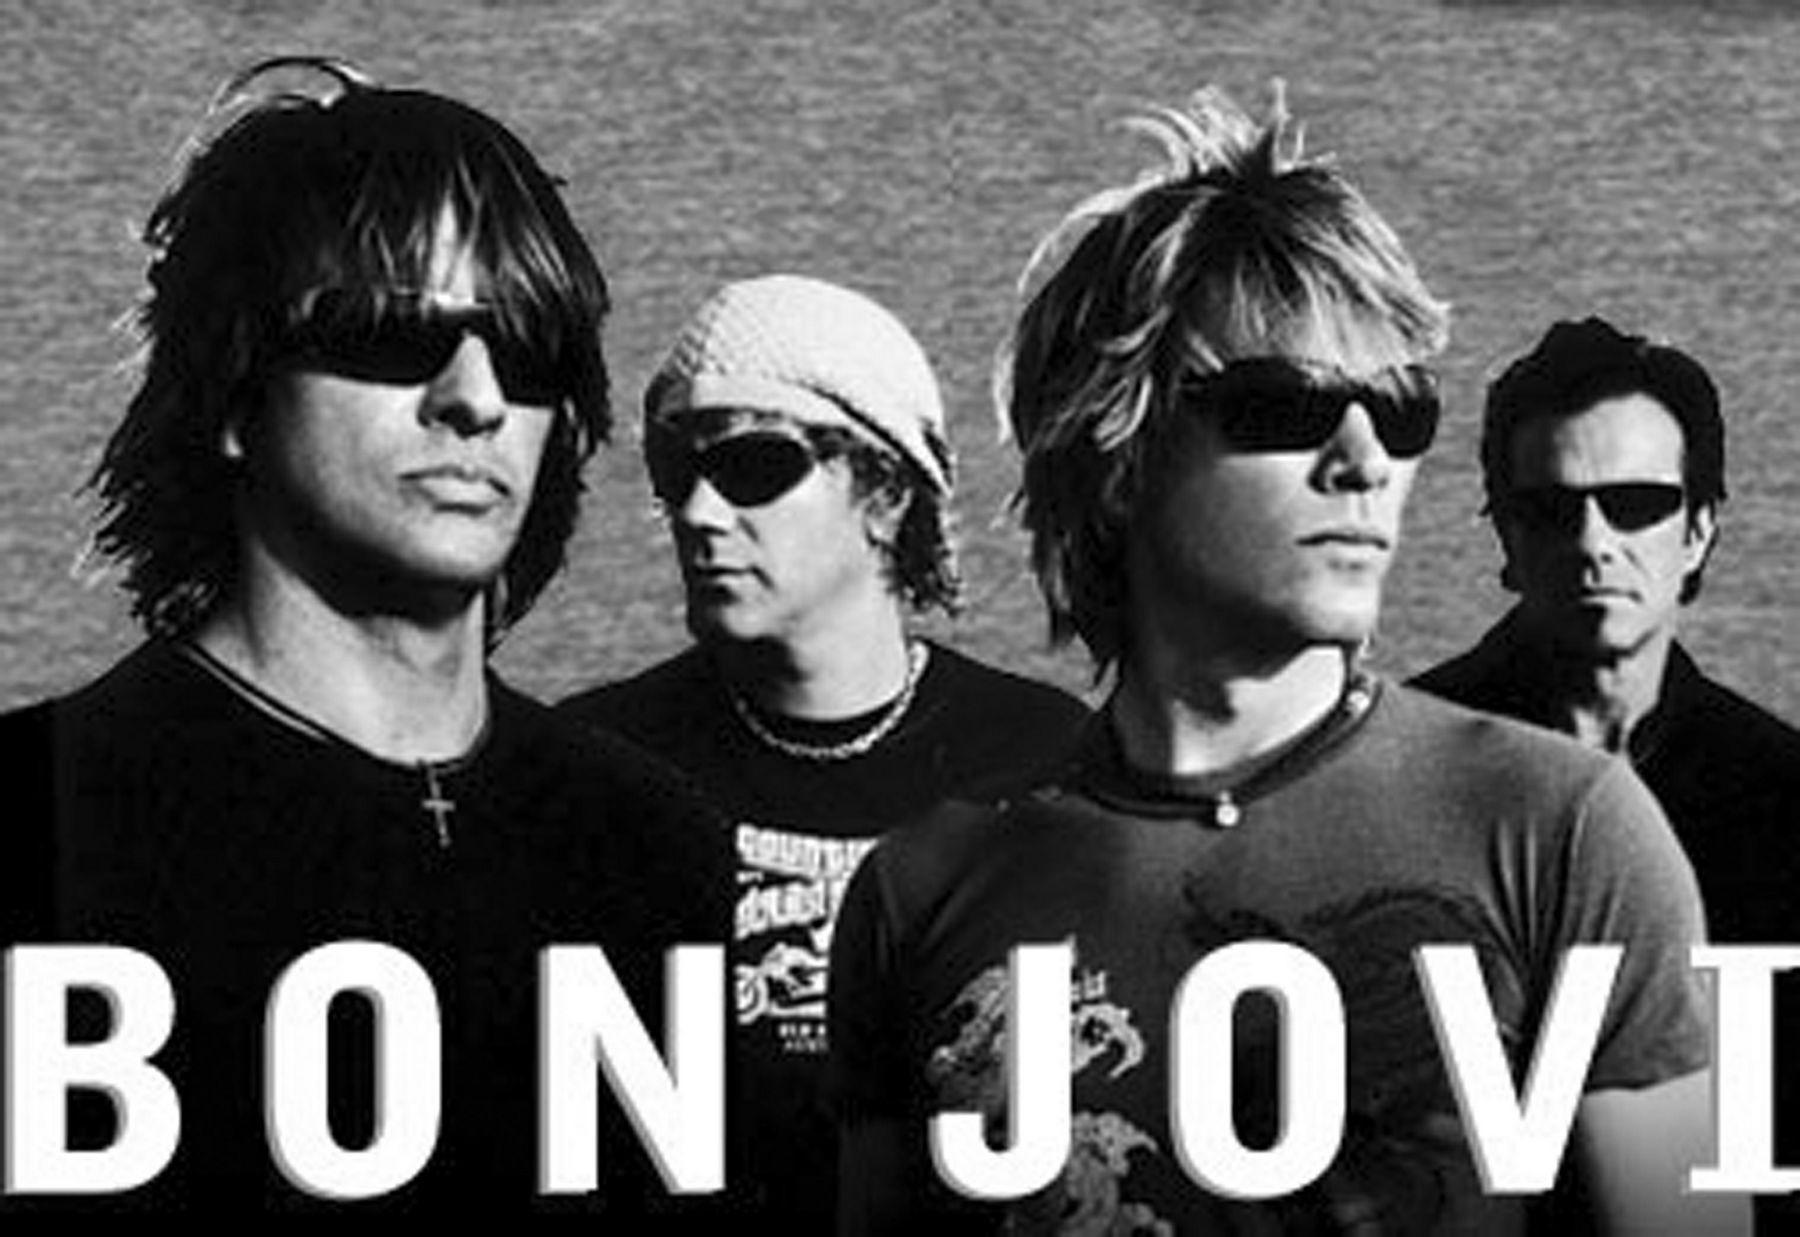 Bon Jovi 邦乔维高清壁纸